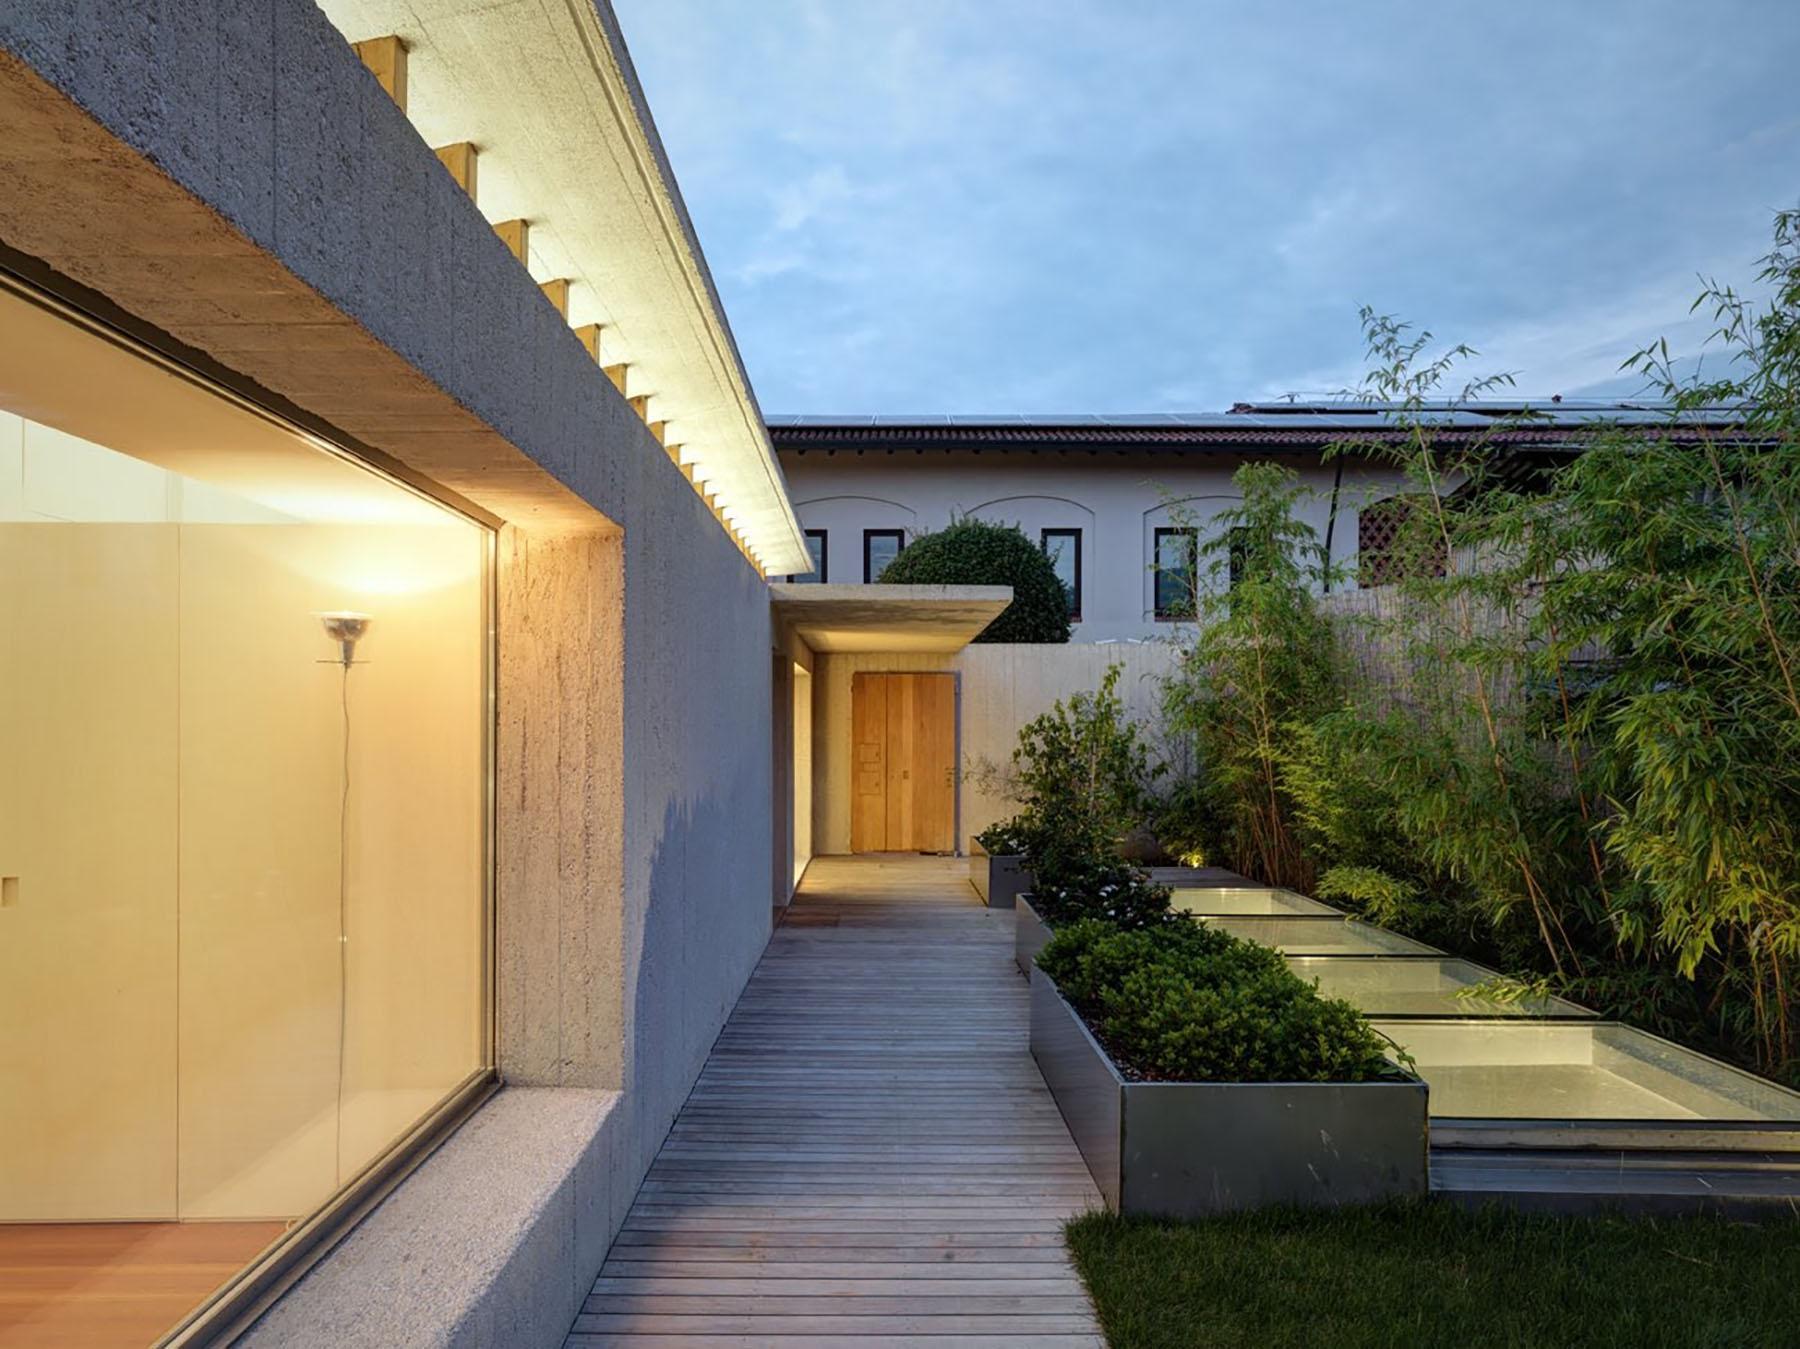 iGNANT-Architecture-Marco-Ortalli-Casa-Crb-006